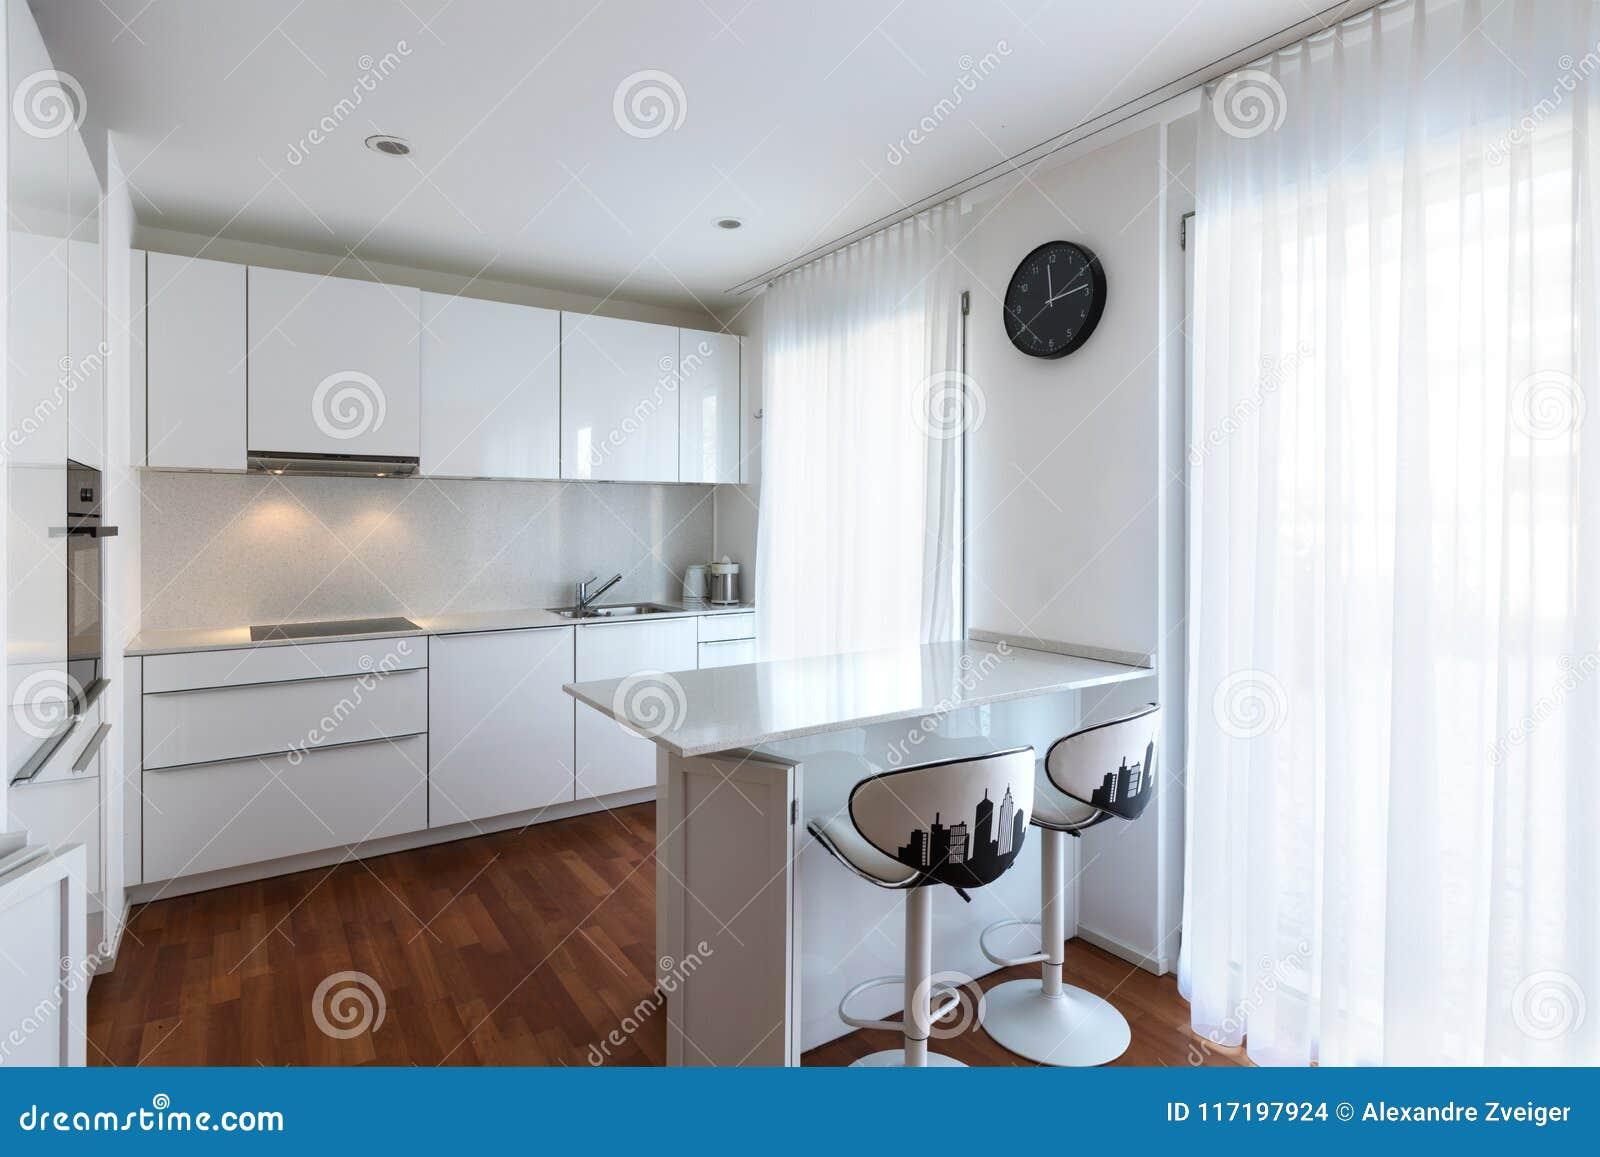 Modern Keuken Schiereiland : Moderne witte keuken met schiereiland stock foto afbeelding